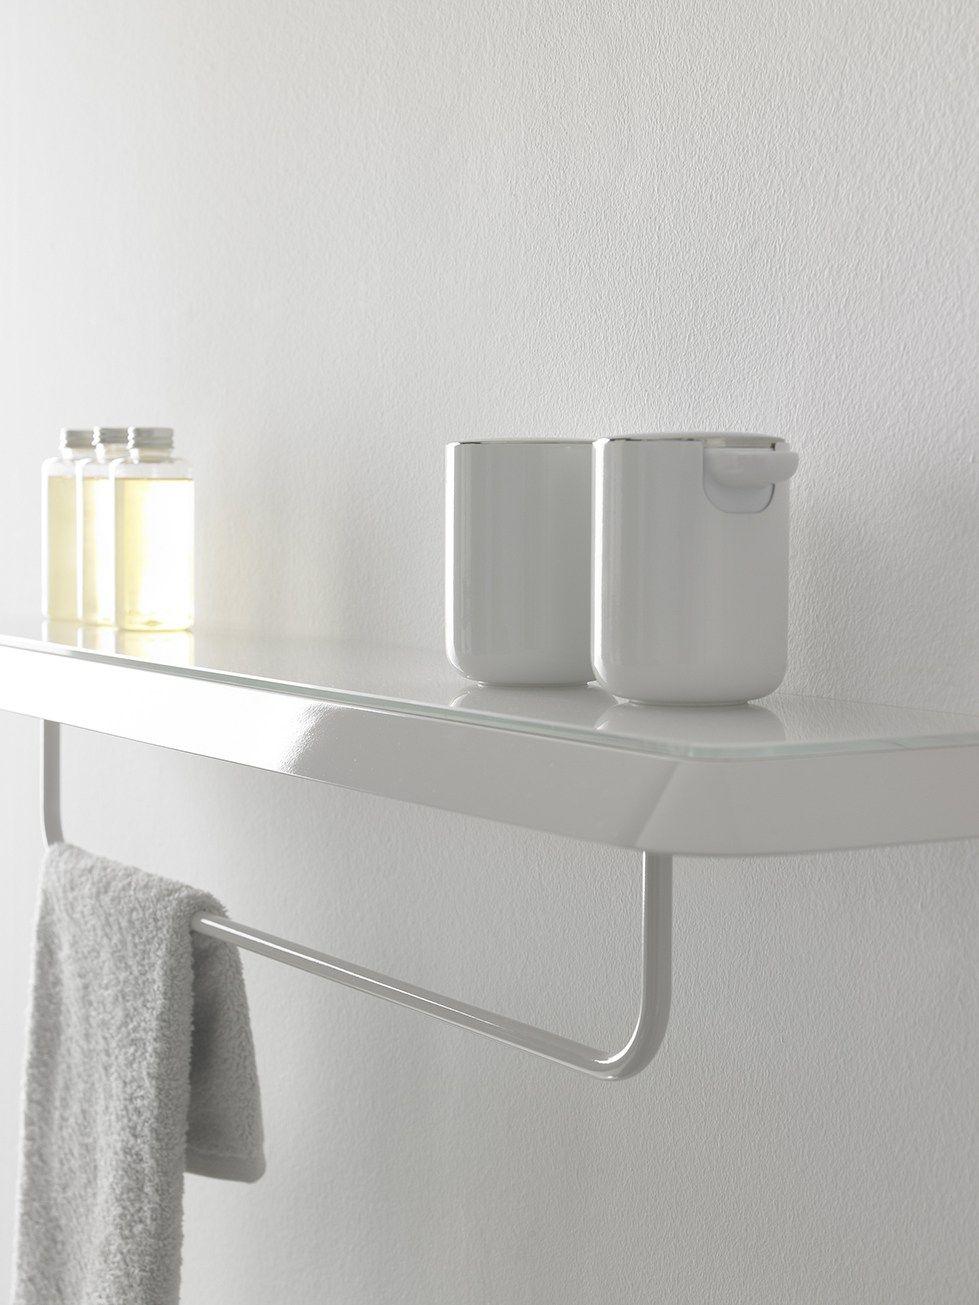 fluent wandregal f r badezimmer by inbani design arik levy. Black Bedroom Furniture Sets. Home Design Ideas